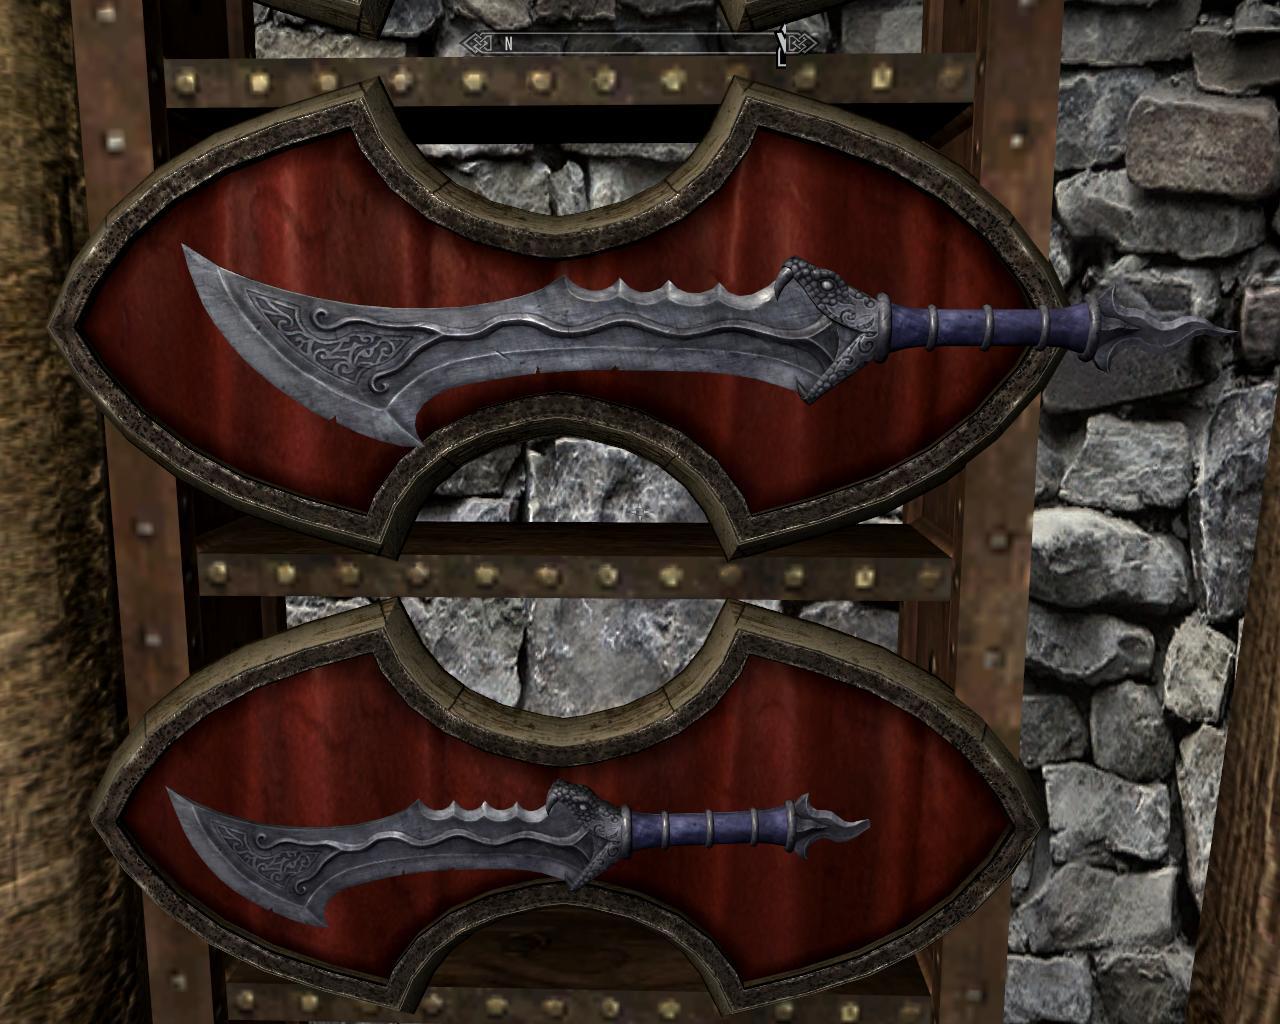 скачать моды на скайрим 5 на меч азенкур